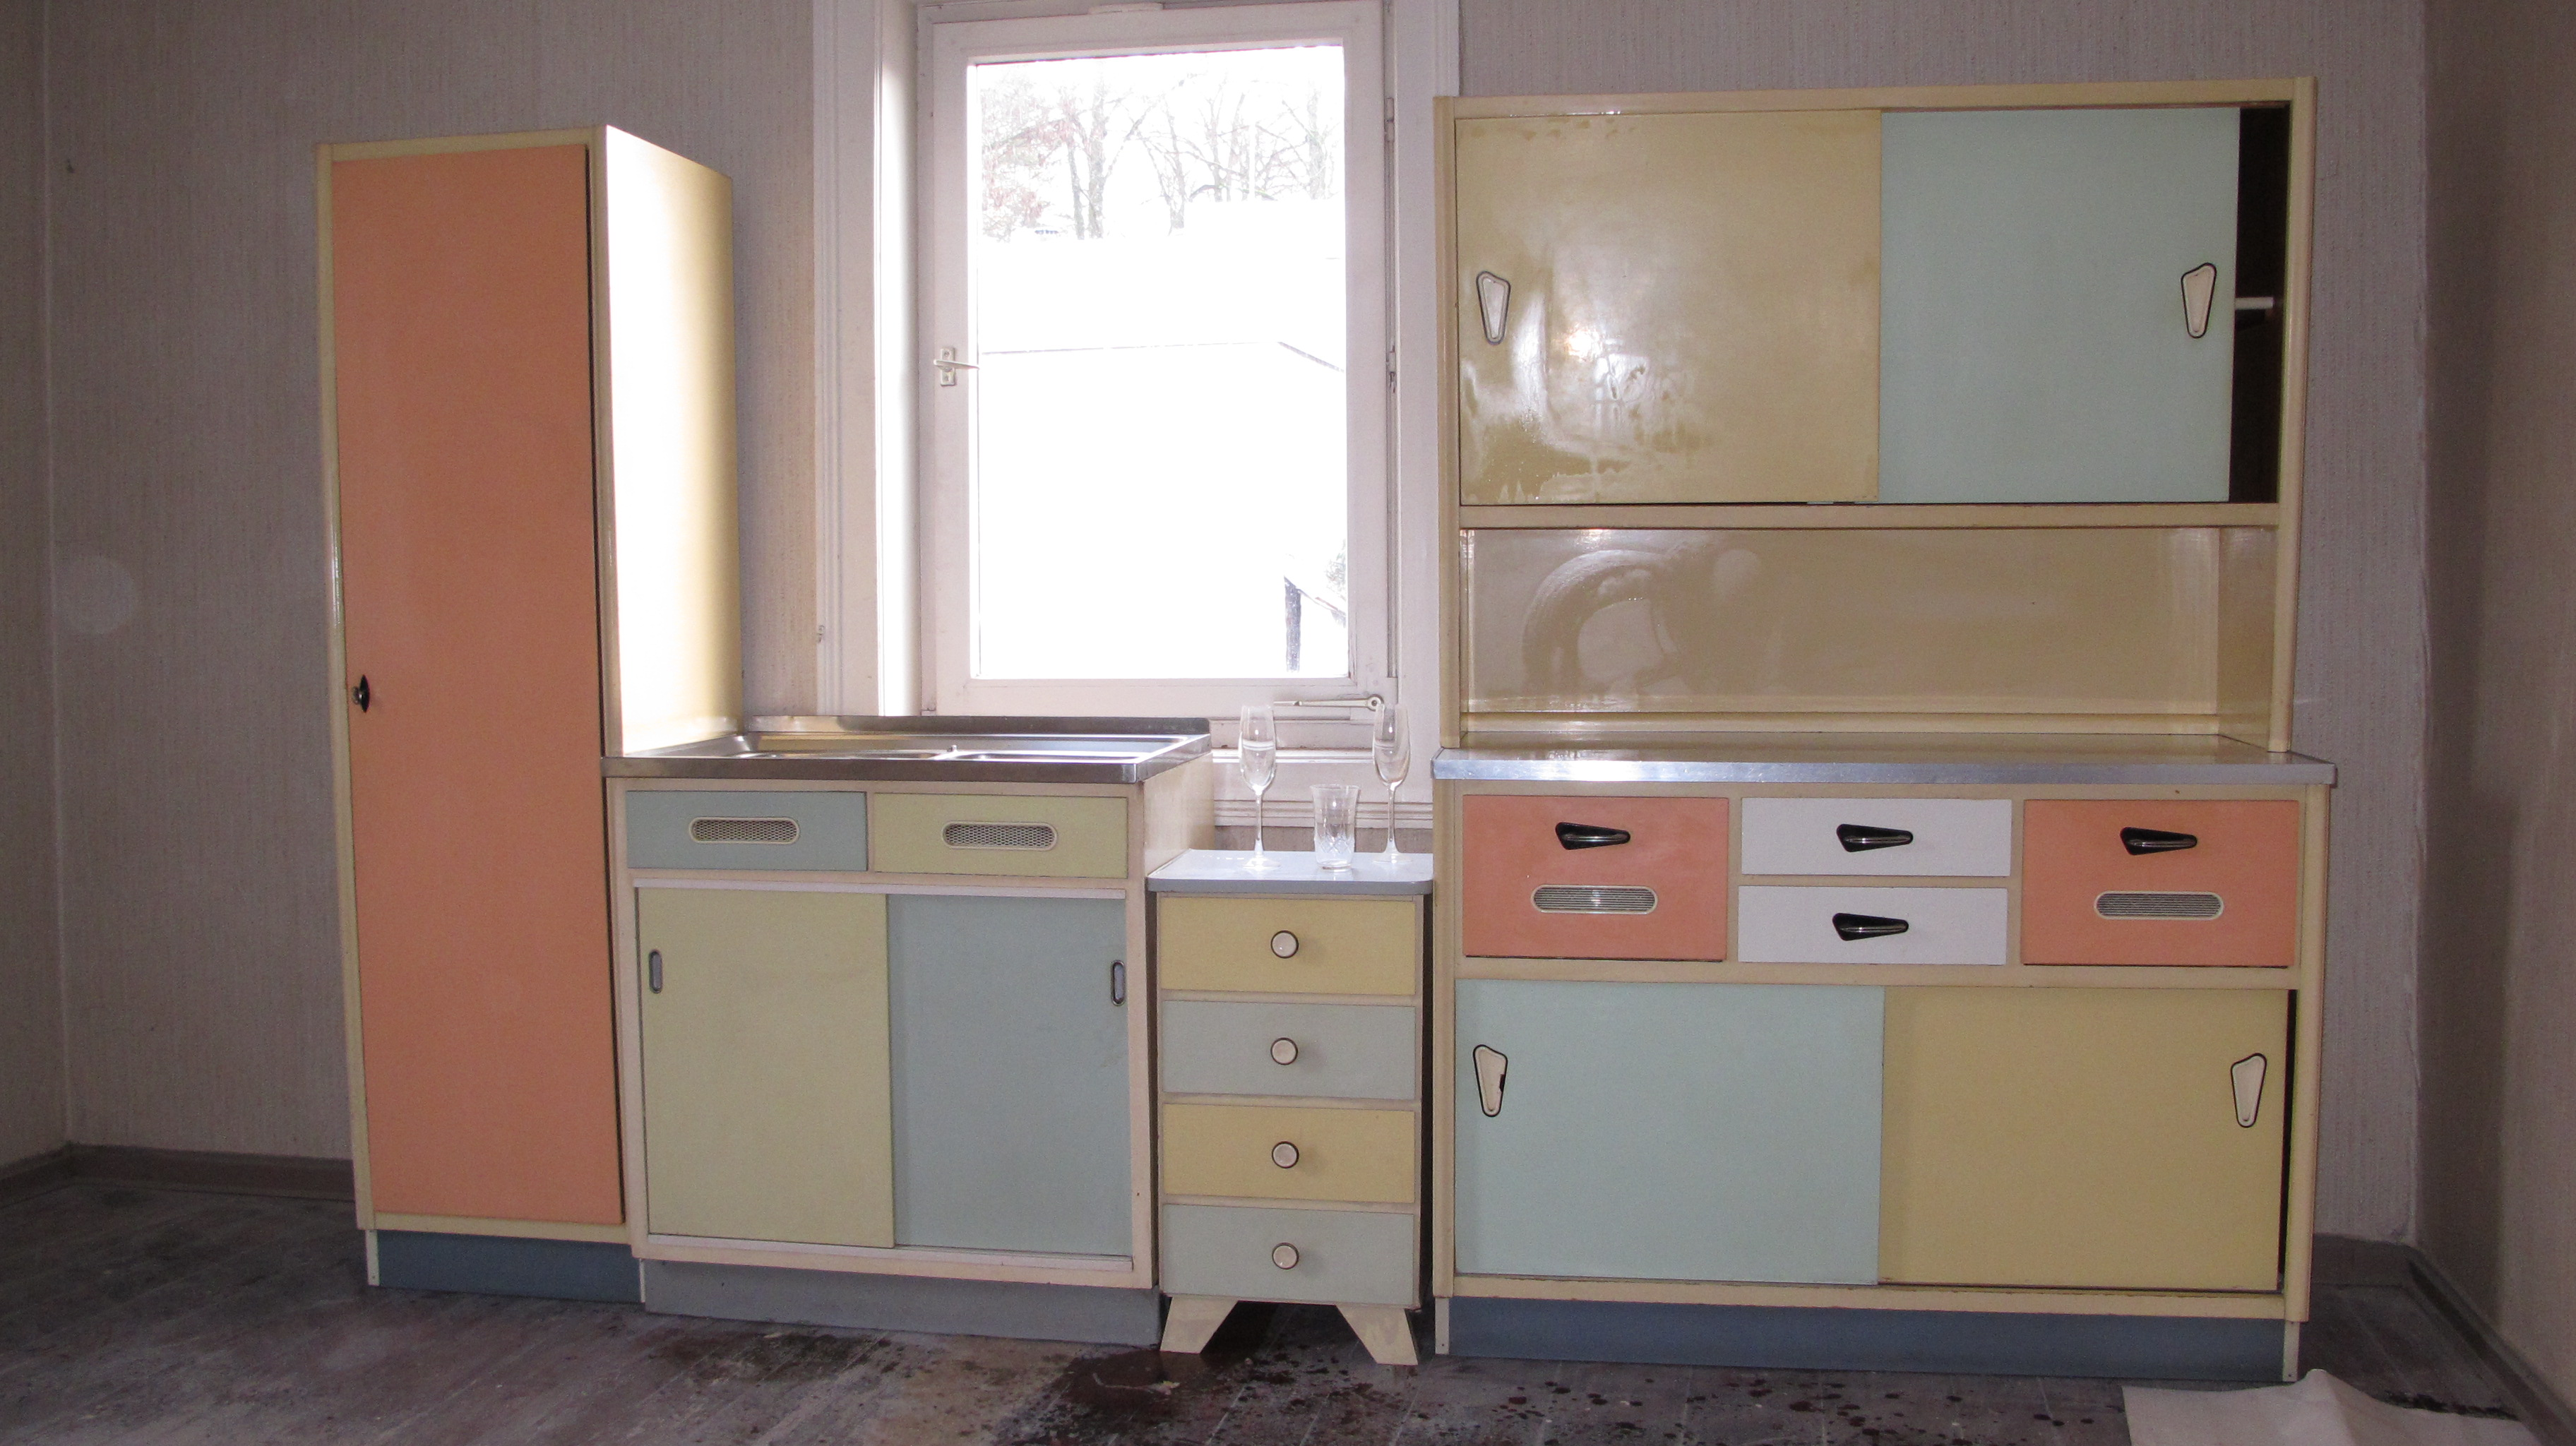 Hängeschrank Küche 50er Jahre | 70er Jahre Küche 50er Kuche